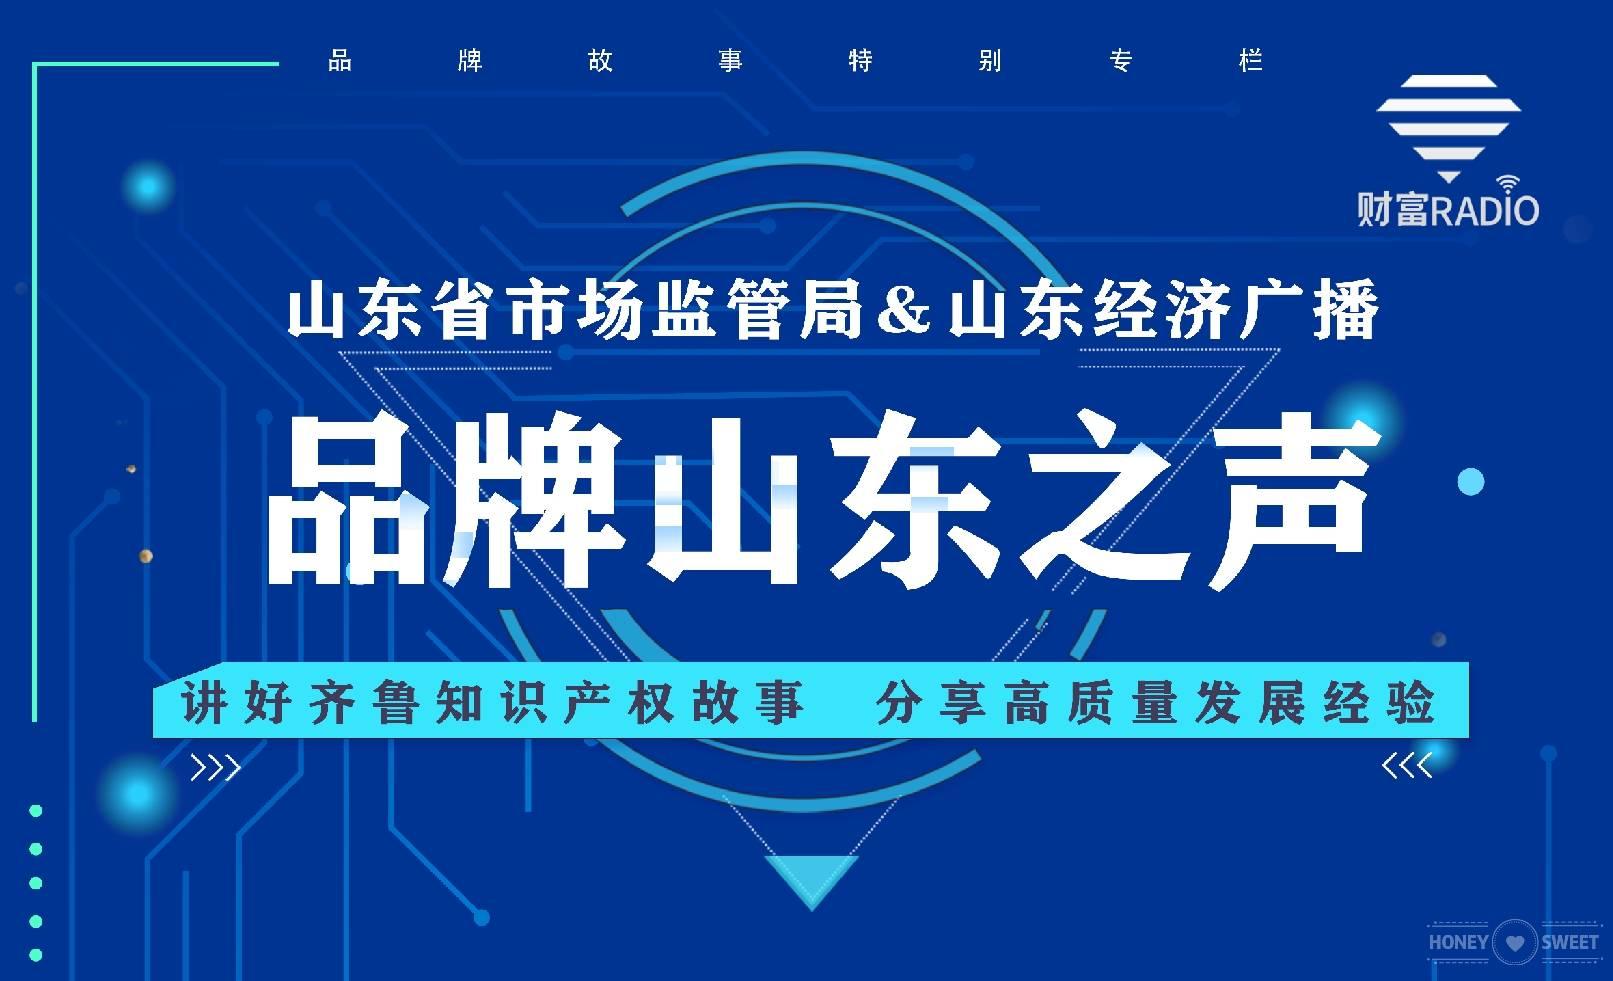 山东省市场监管局志愿服务启动仪式暨知识产权宣传志愿服务活动举行